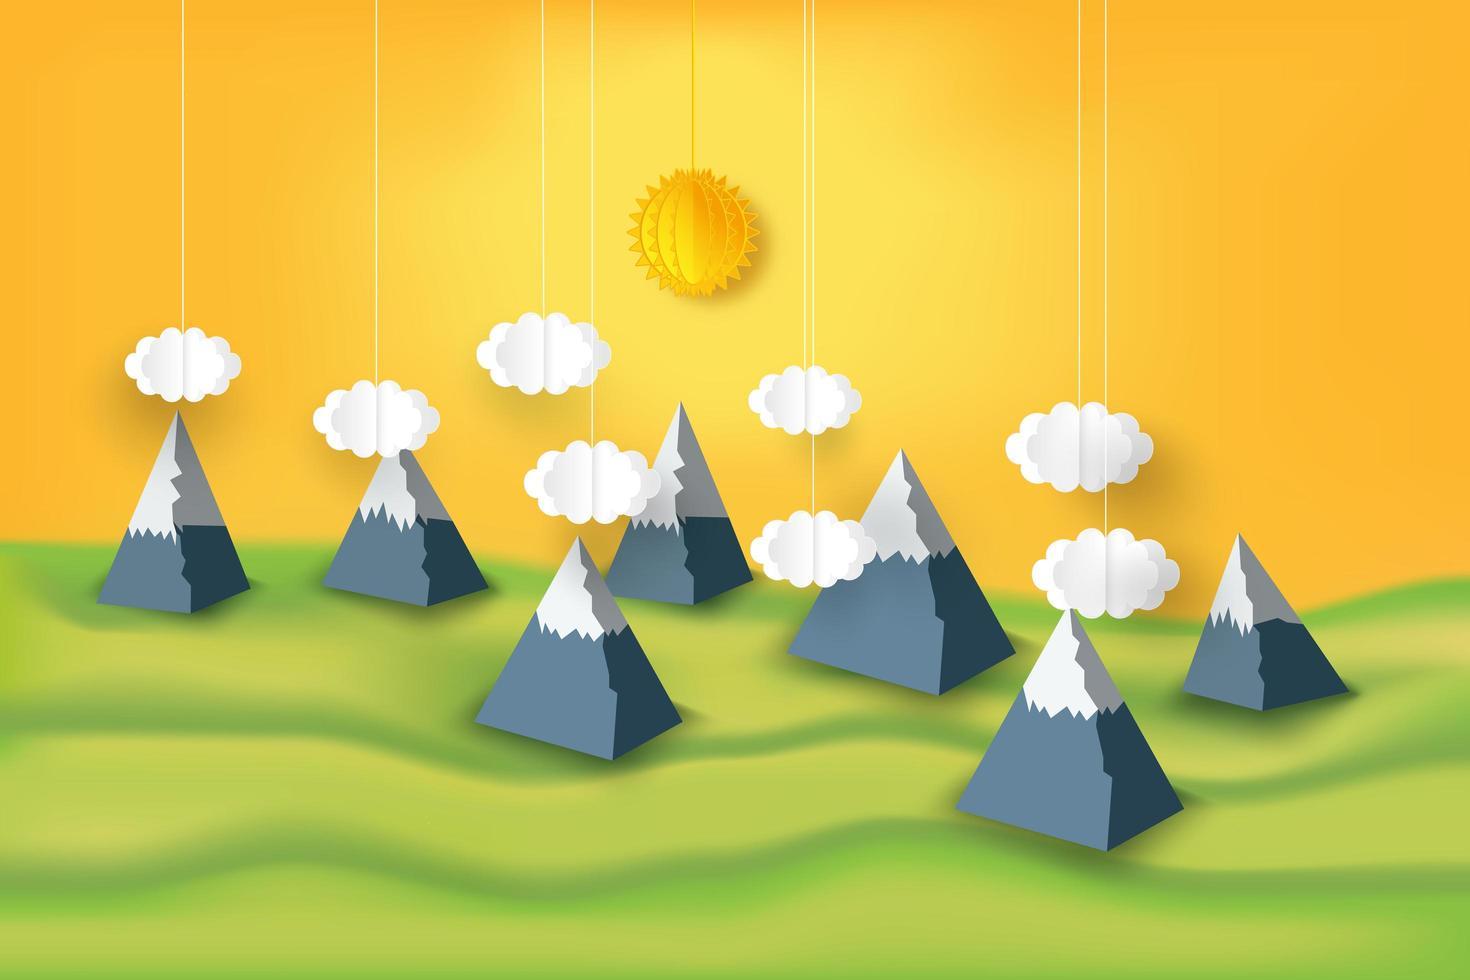 papierkunst bergen en zonneschijn vector